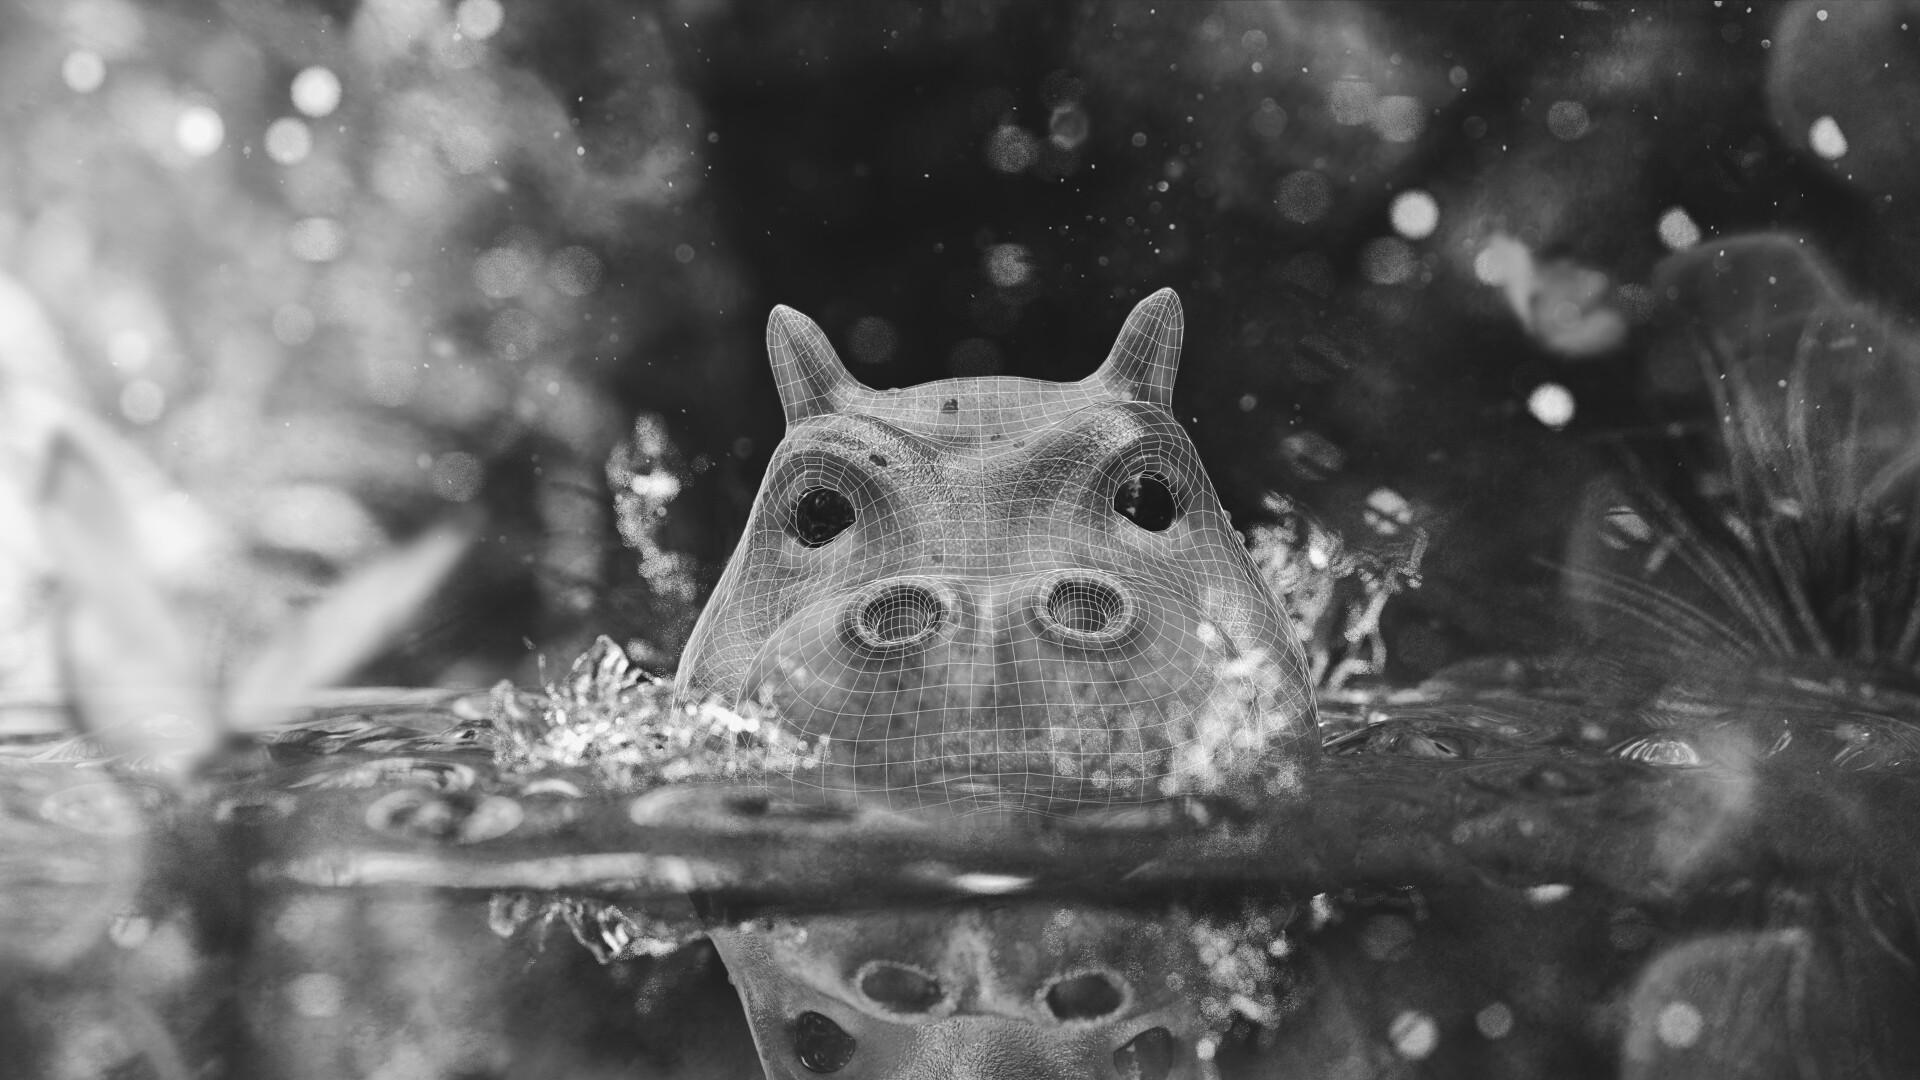 Michelangelo girardi ig hippo3